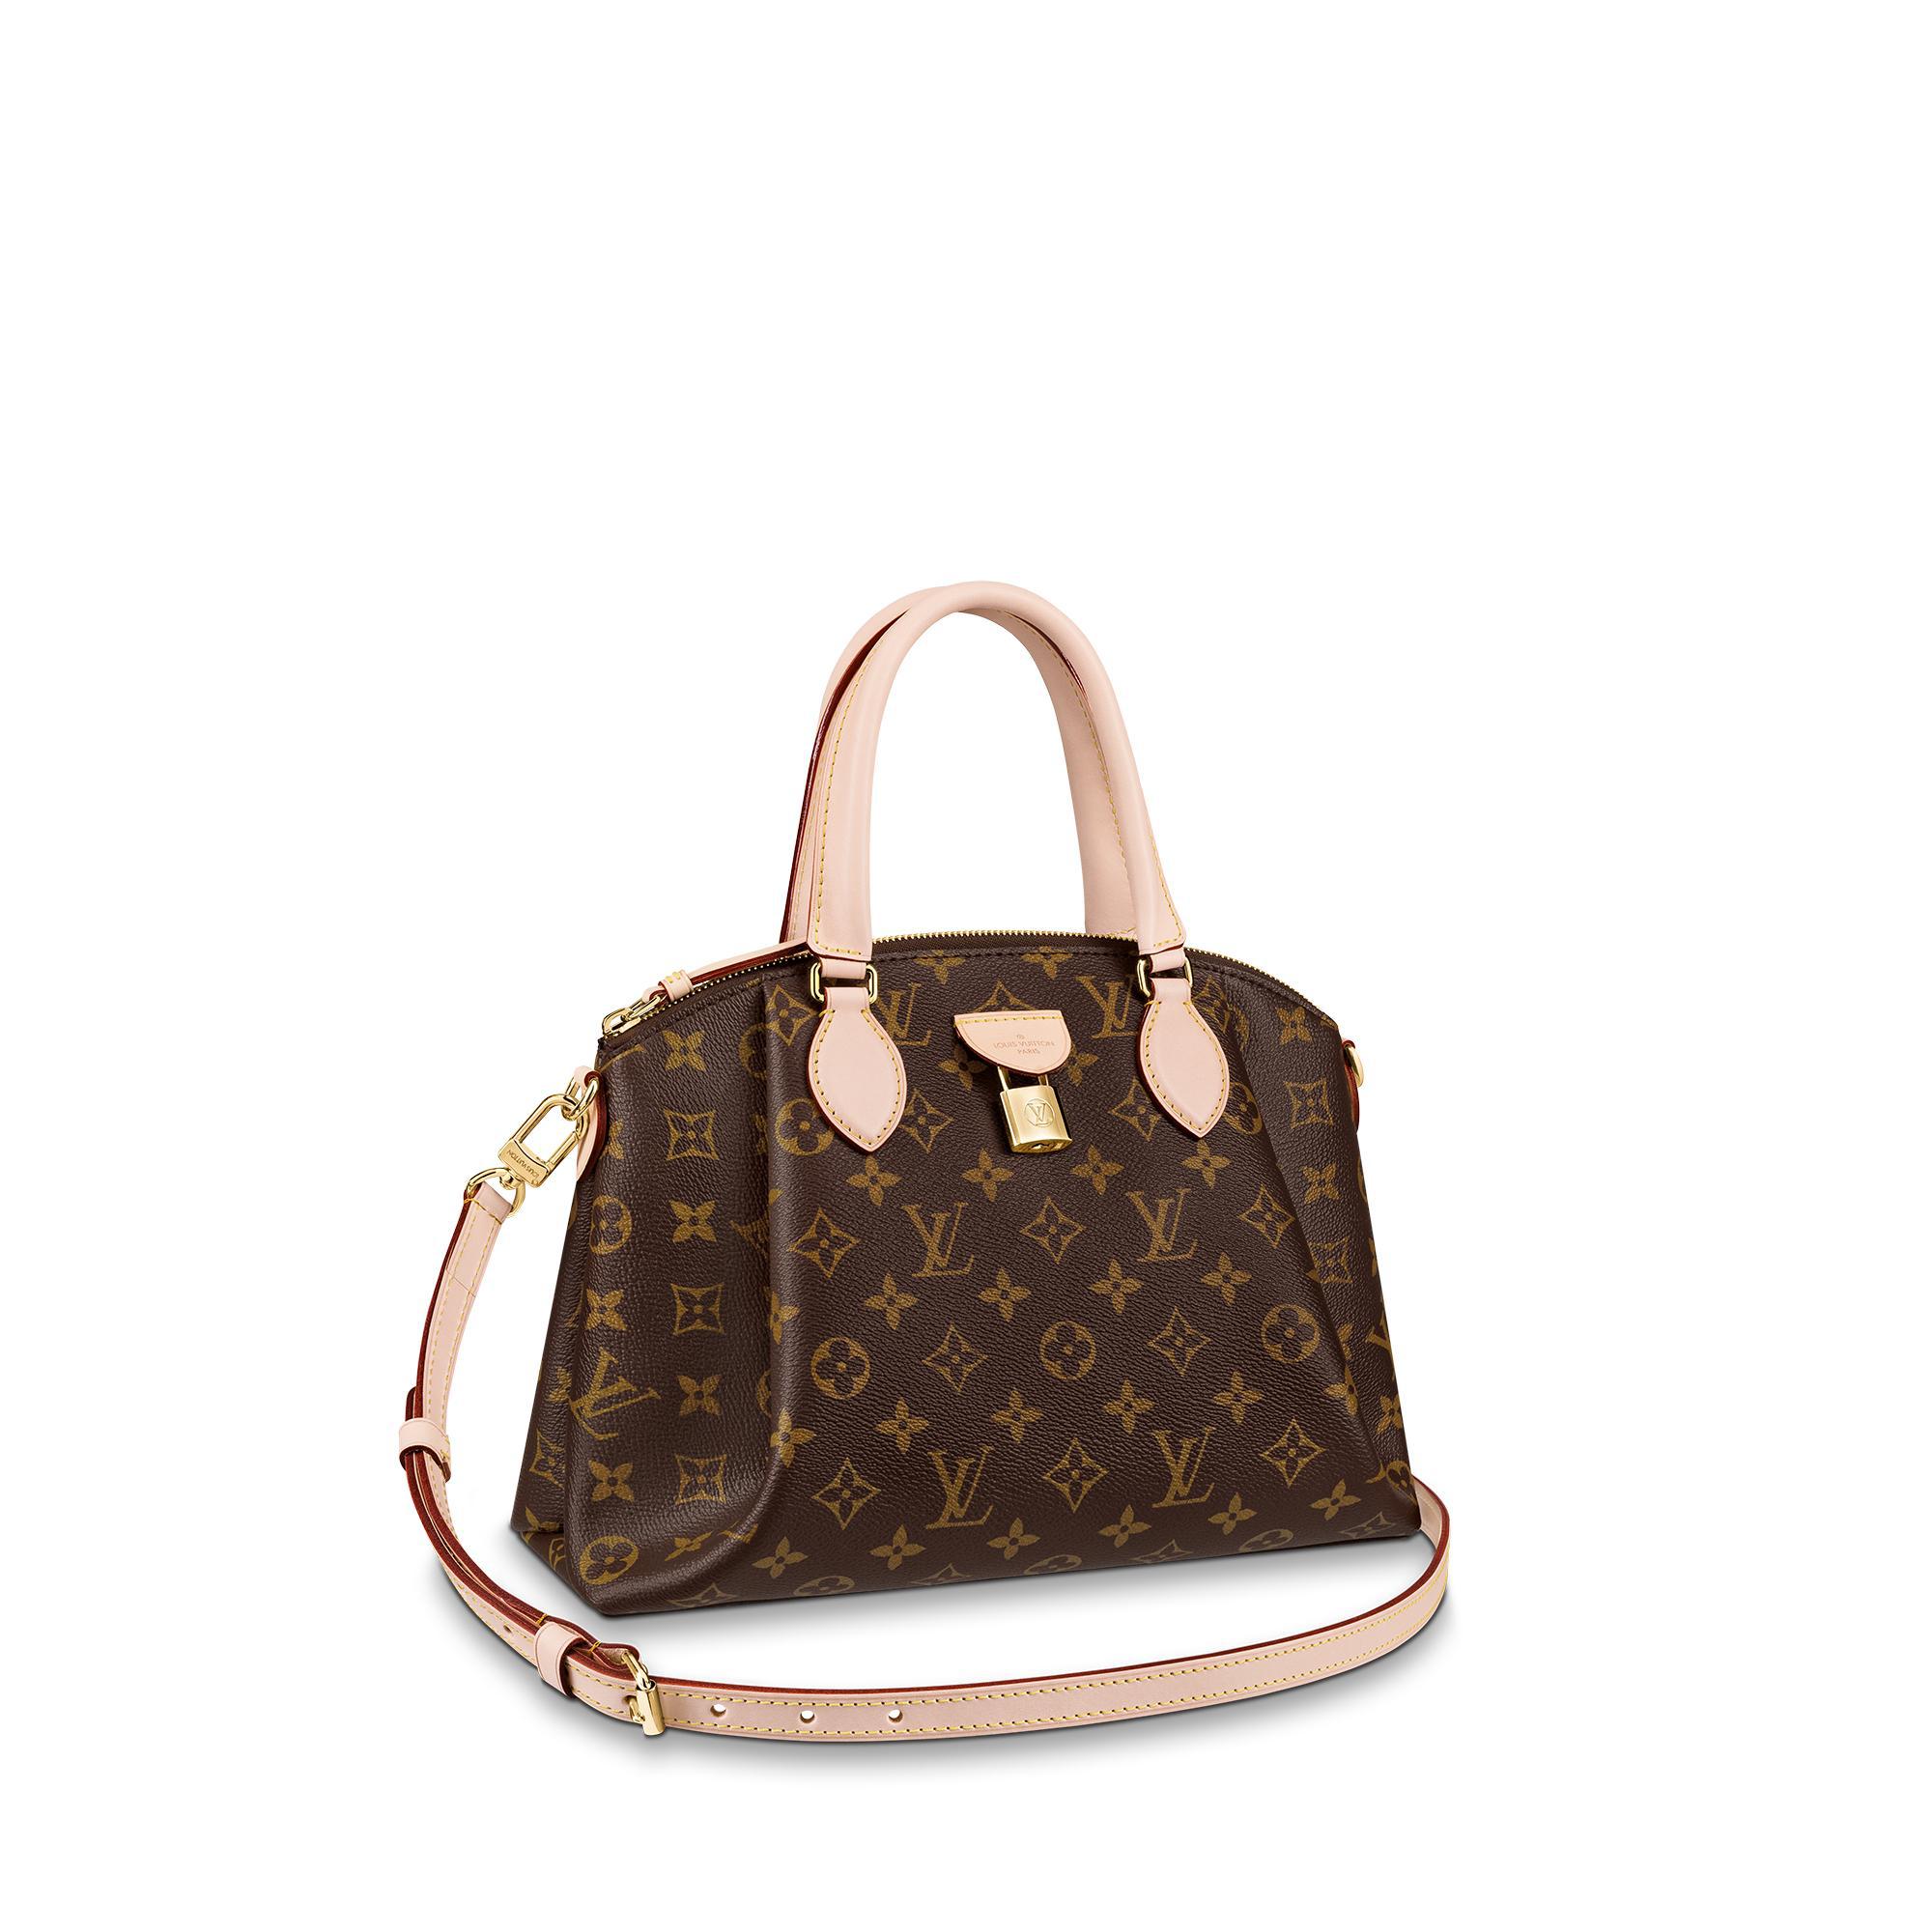 Louis Vuitton Rivoli Pm